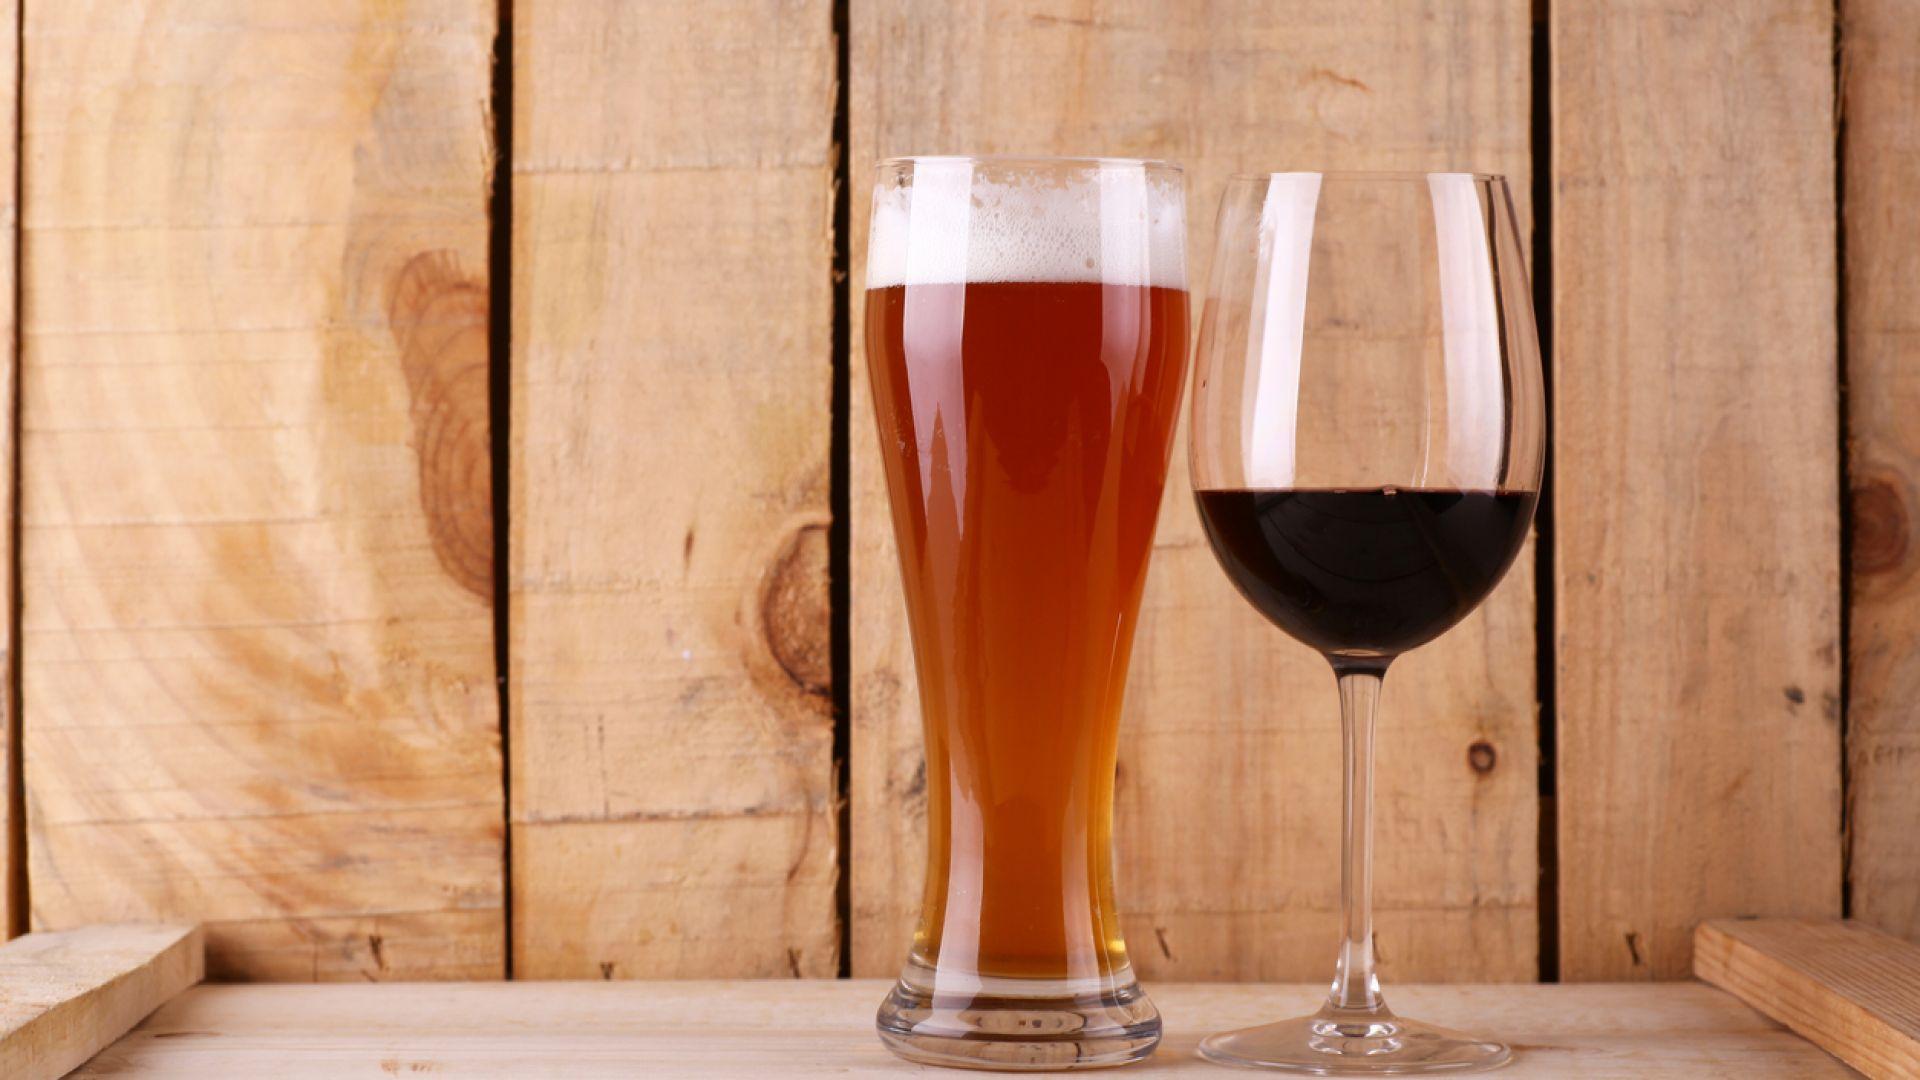 Няма безвредно количество алкохол